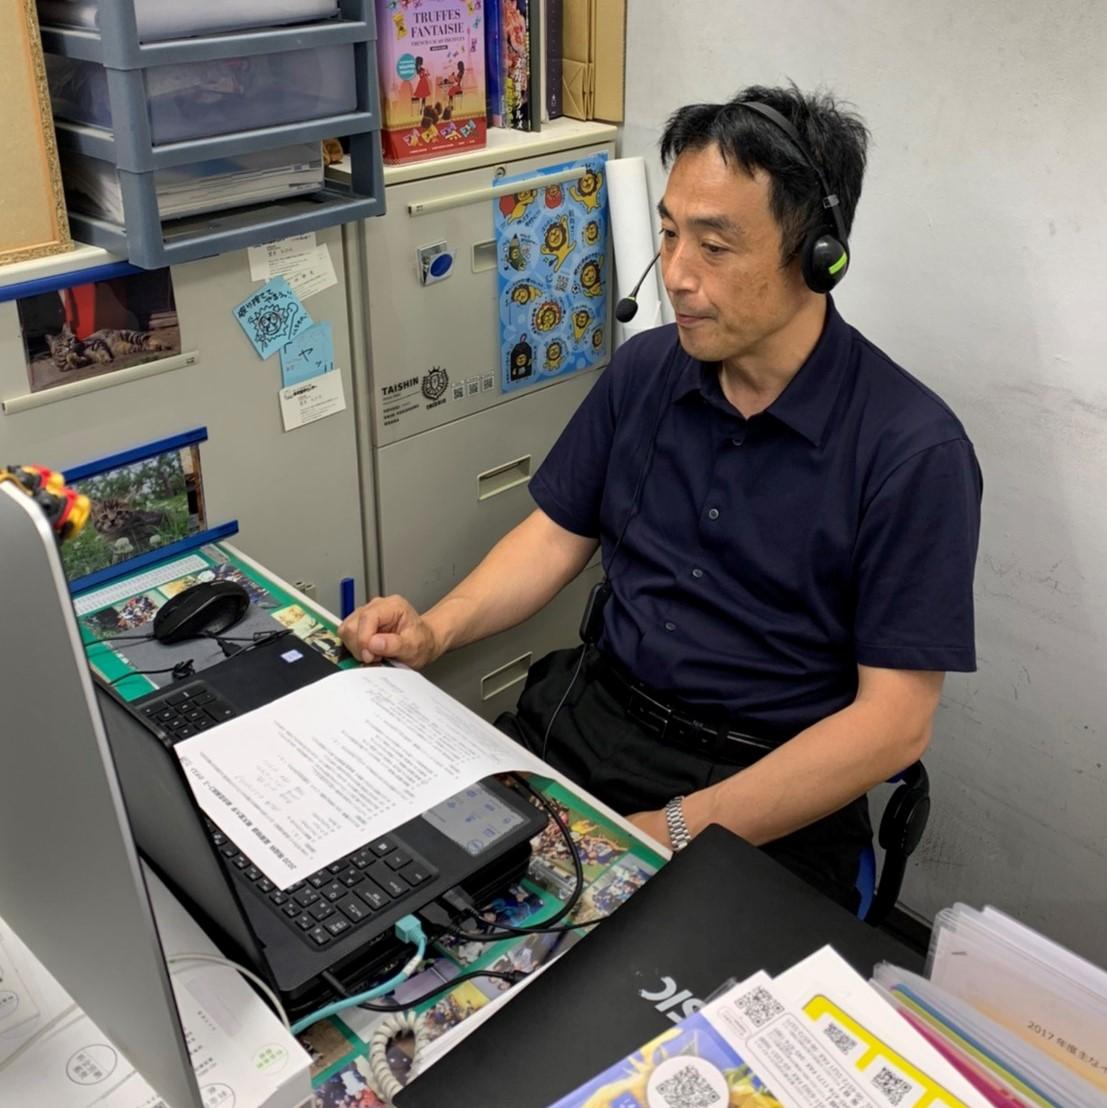 http://www.e-taishin.com/feature/img/%E6%9D%B1%E6%B5%B7%E5%A4%A7.2020.8.1.online.jpg